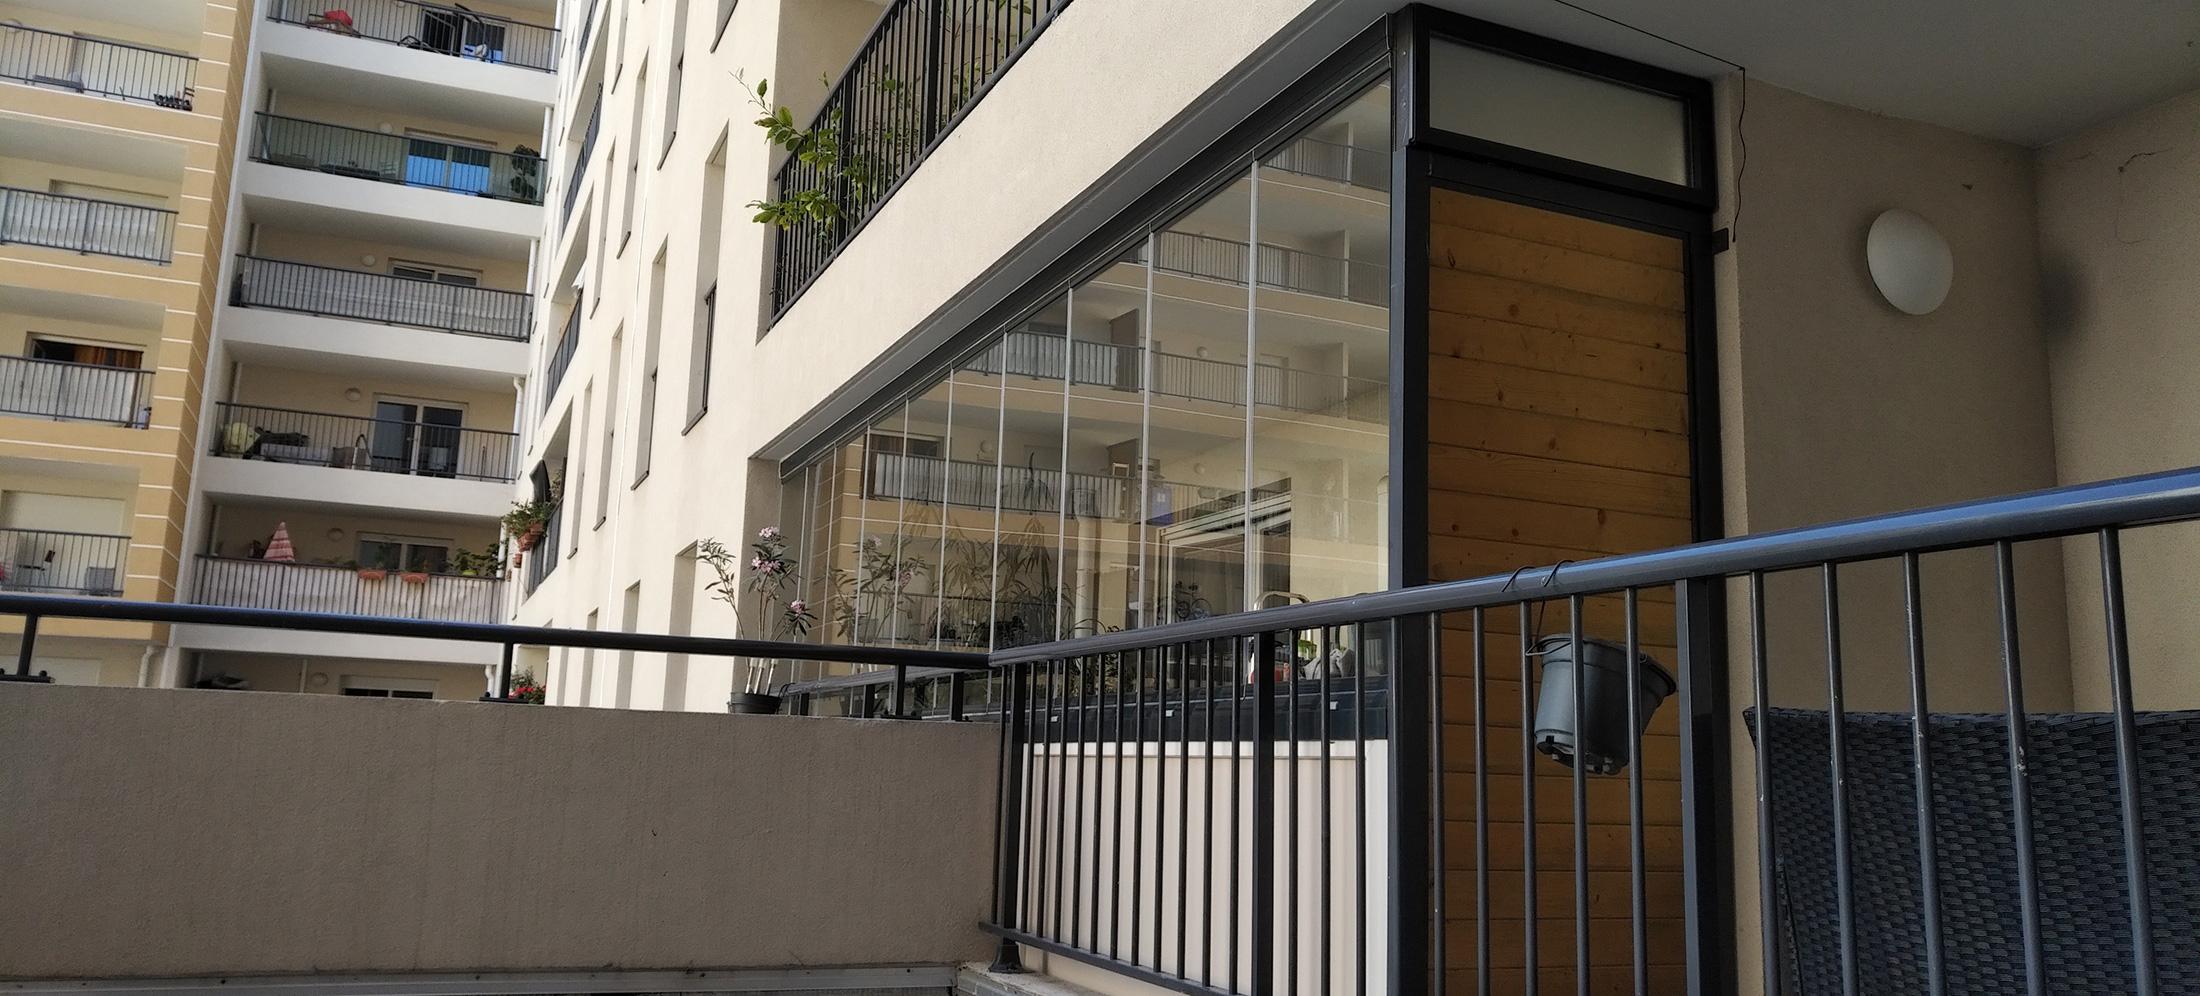 Fermeture De Balcon Par Un Rideau De Verre À Marseille concernant Rideau De Verre Pour Balcon